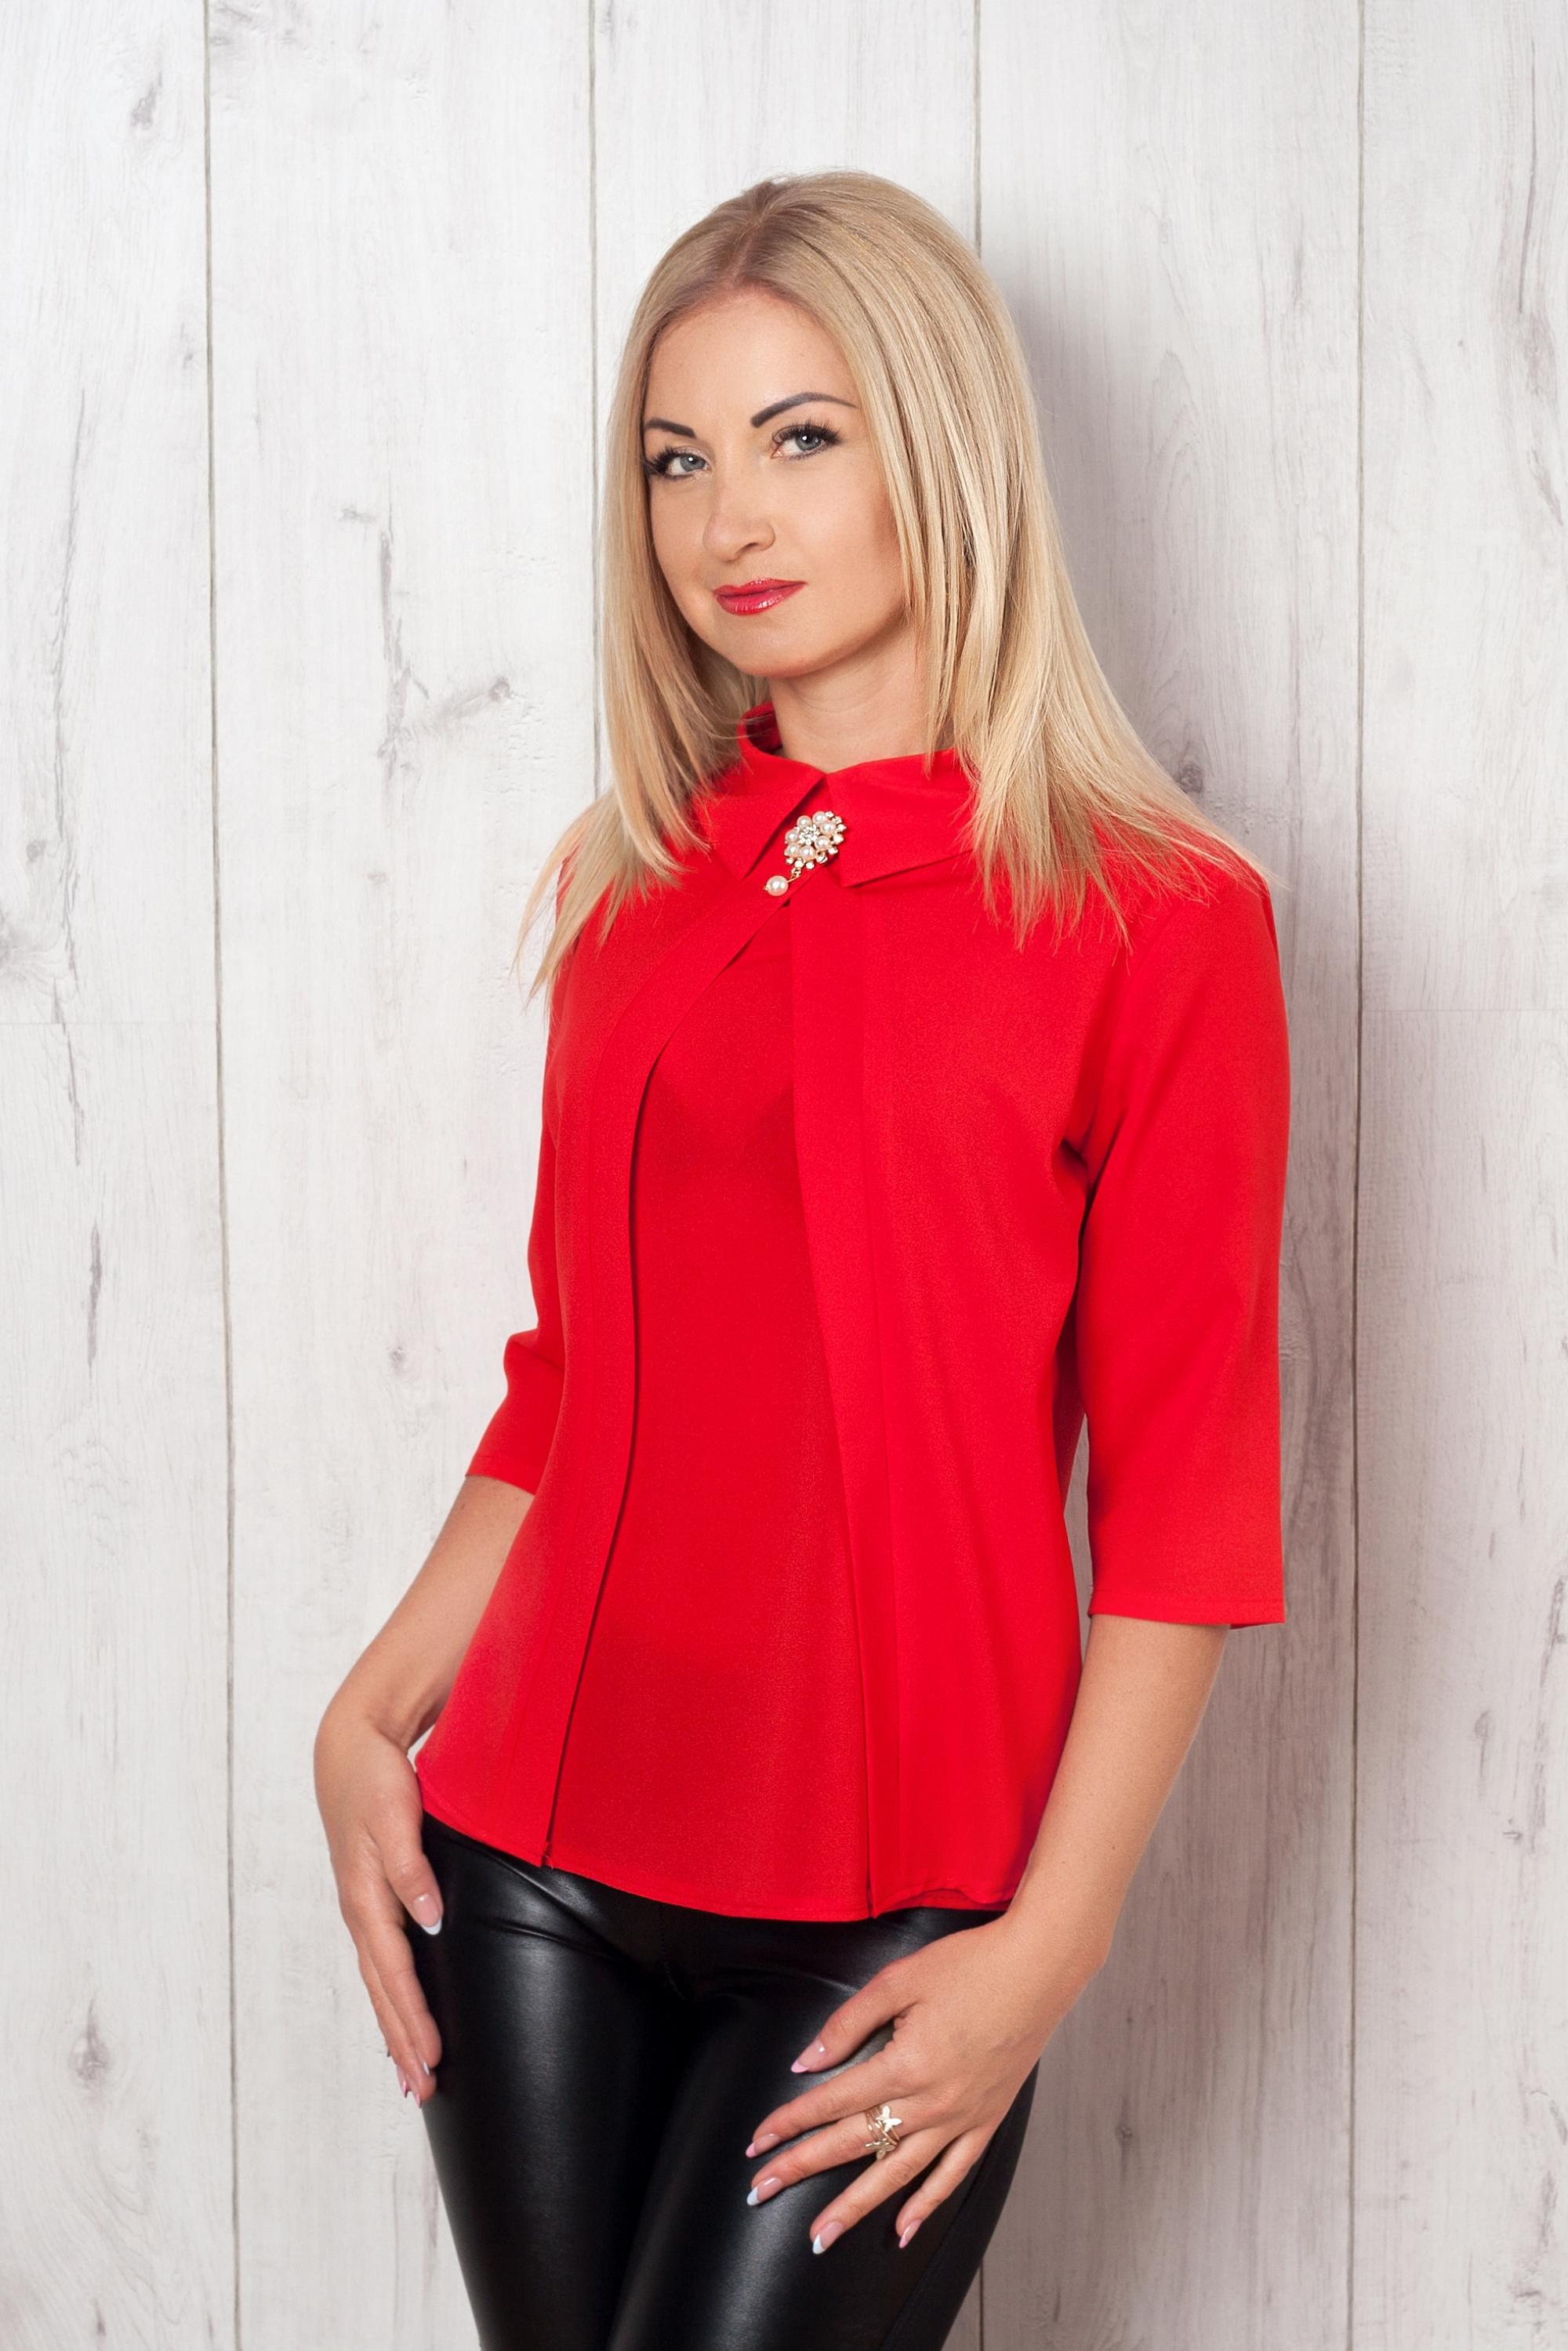 Блузка Женская Красная В Самаре